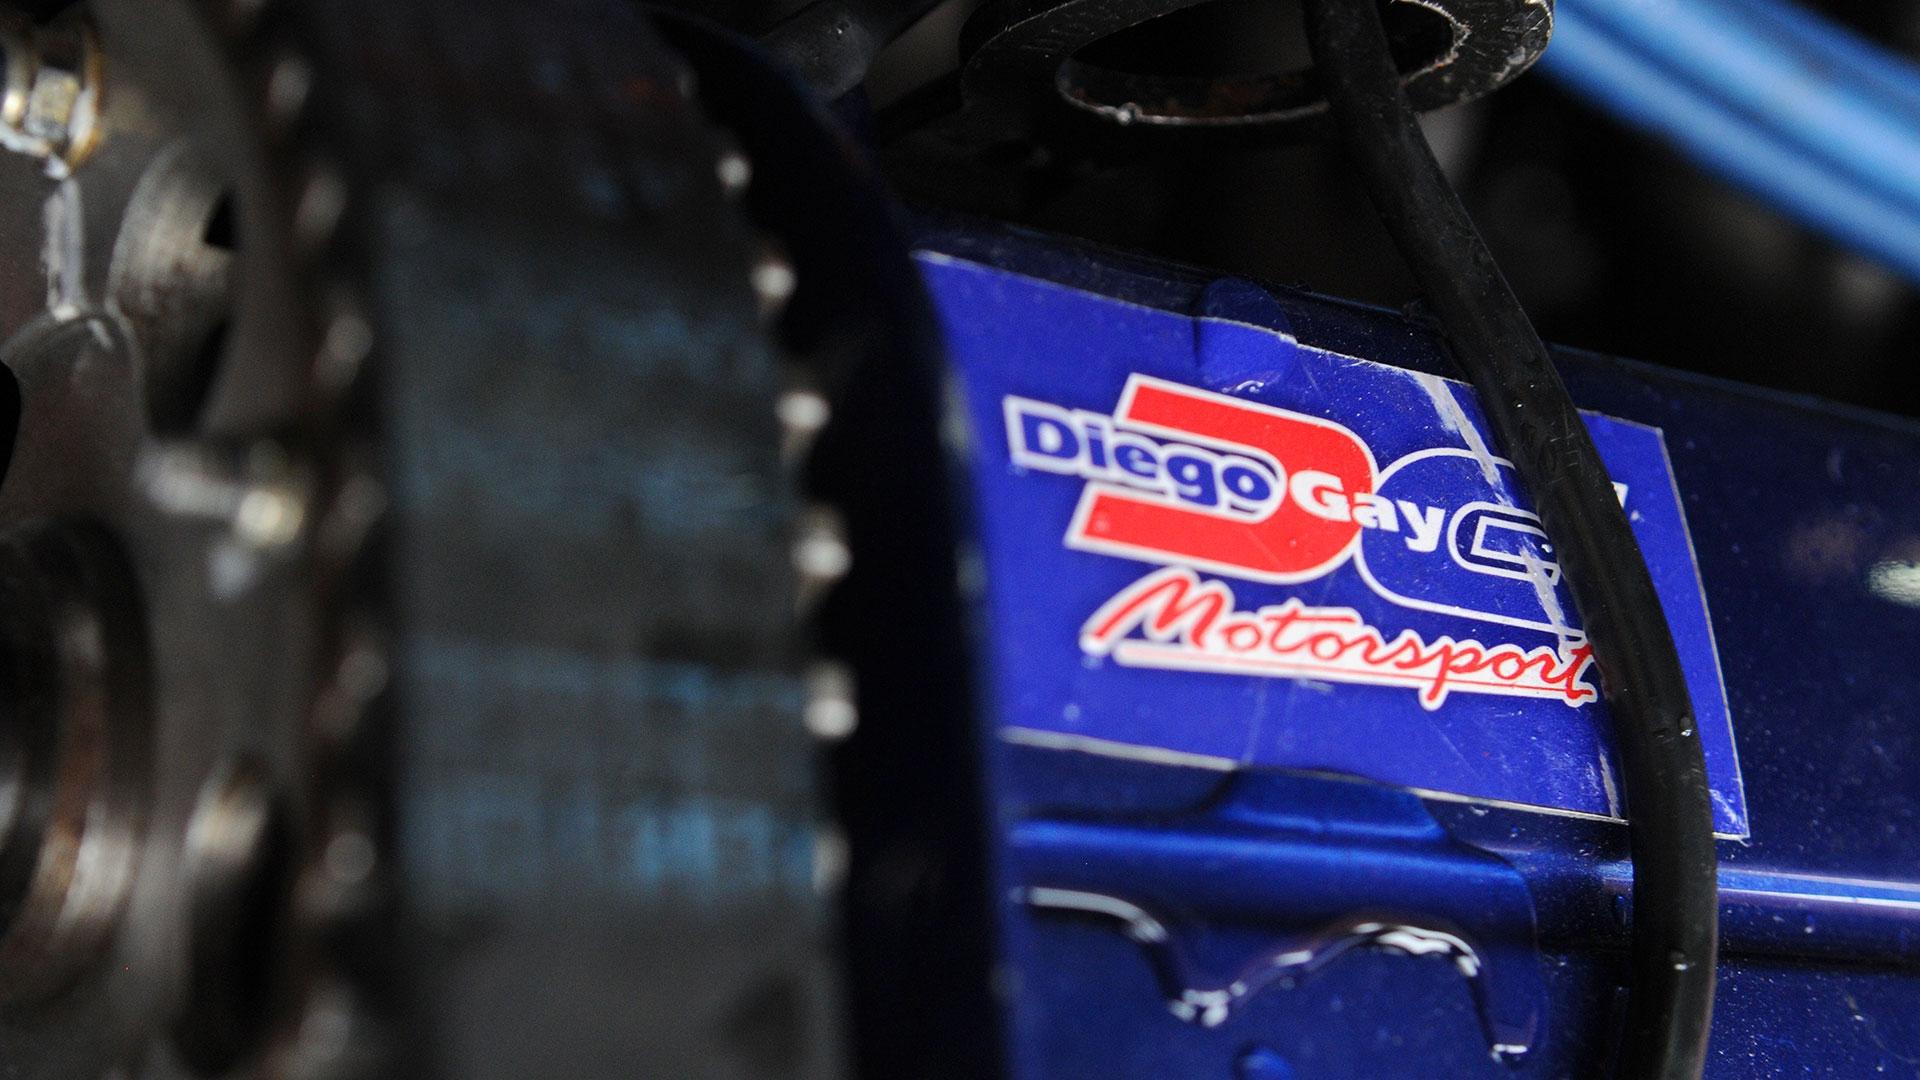 Dos jornadas de pruebas para DG Motorsport